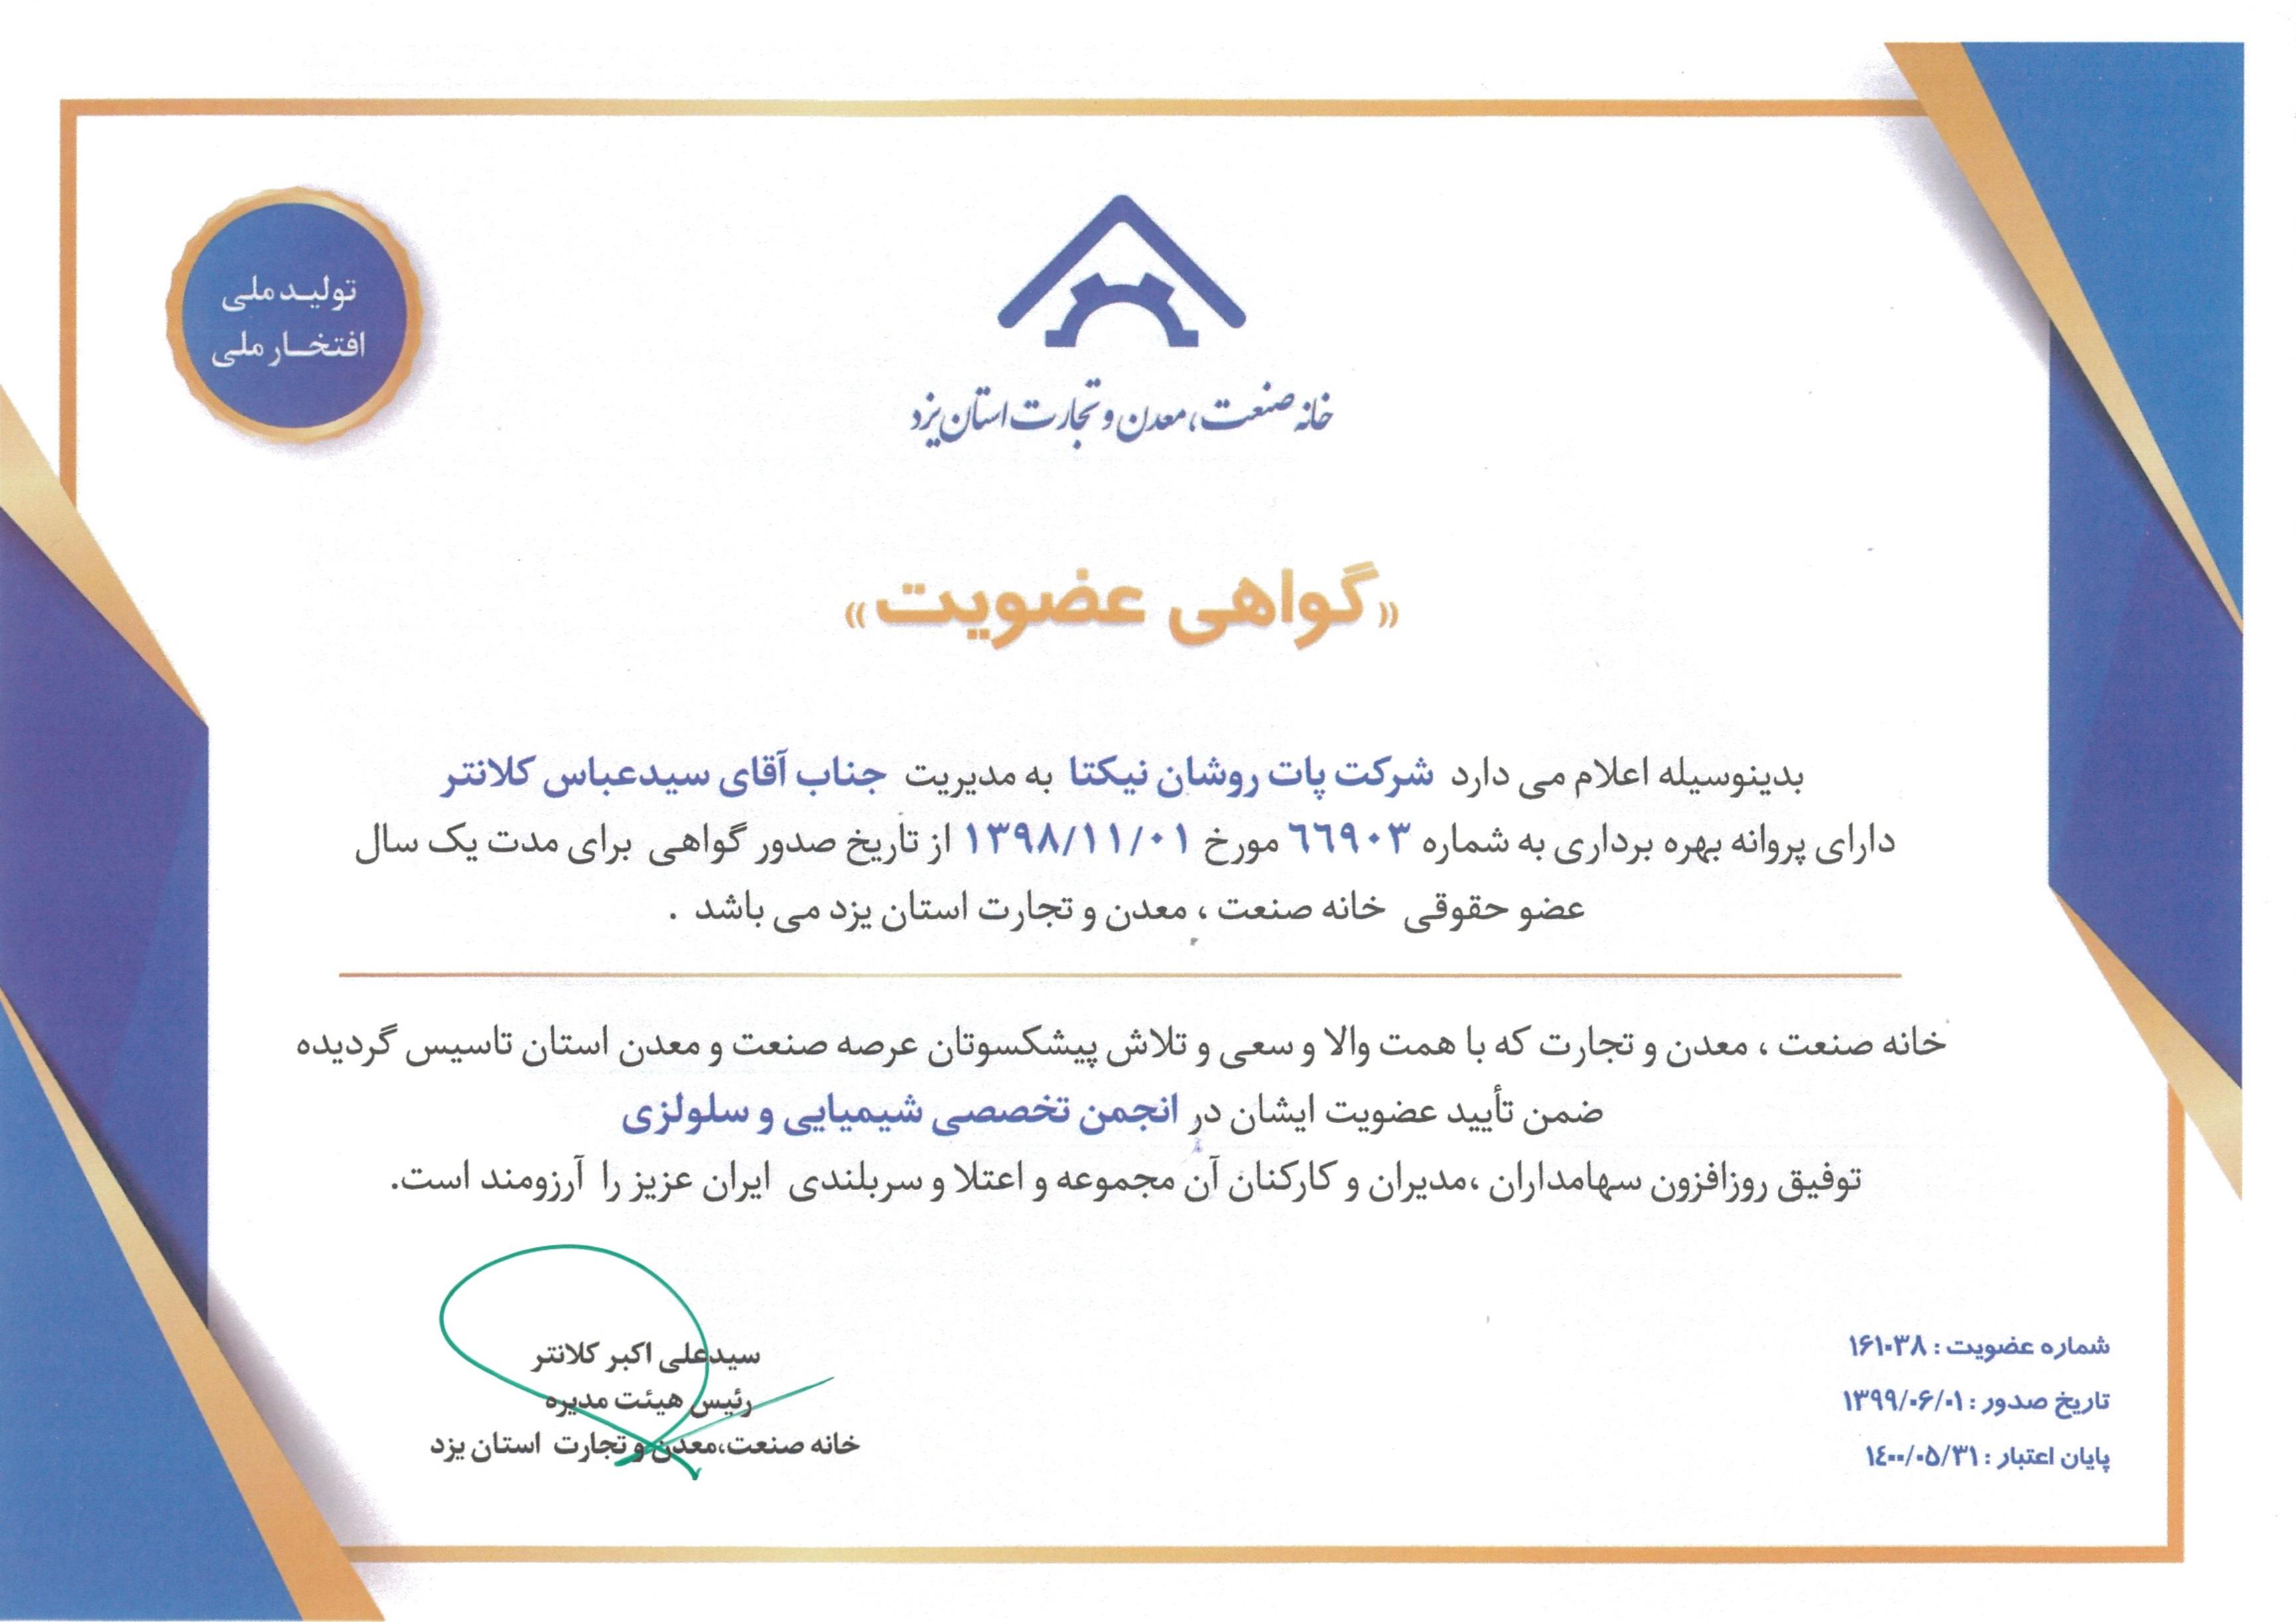 گواهی عضویت خانه صنعت معدن و تجارت استان یزد